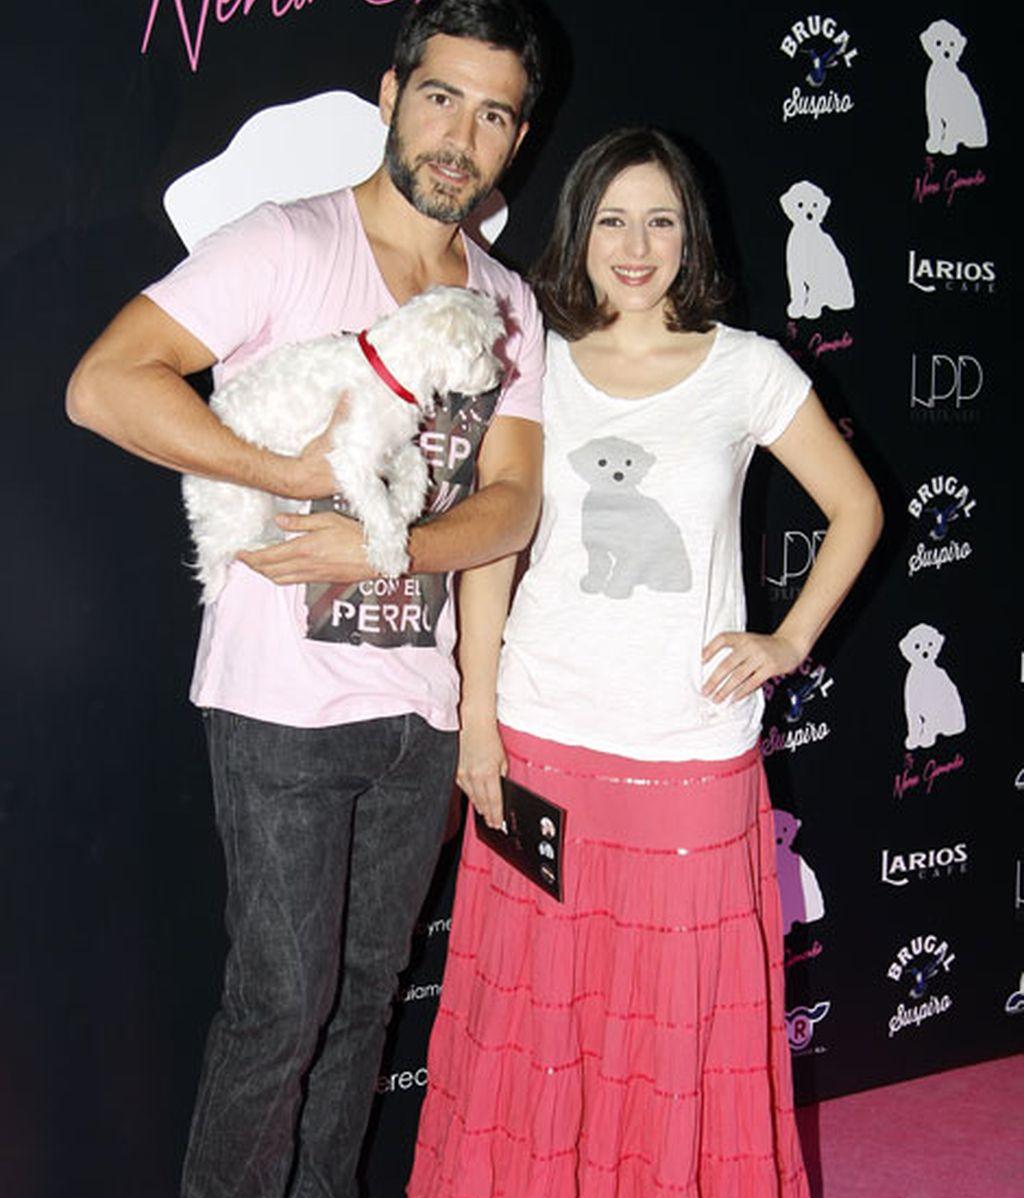 La pareja de actores Alejandro Tous y Ruth Núñez posaron con Coko